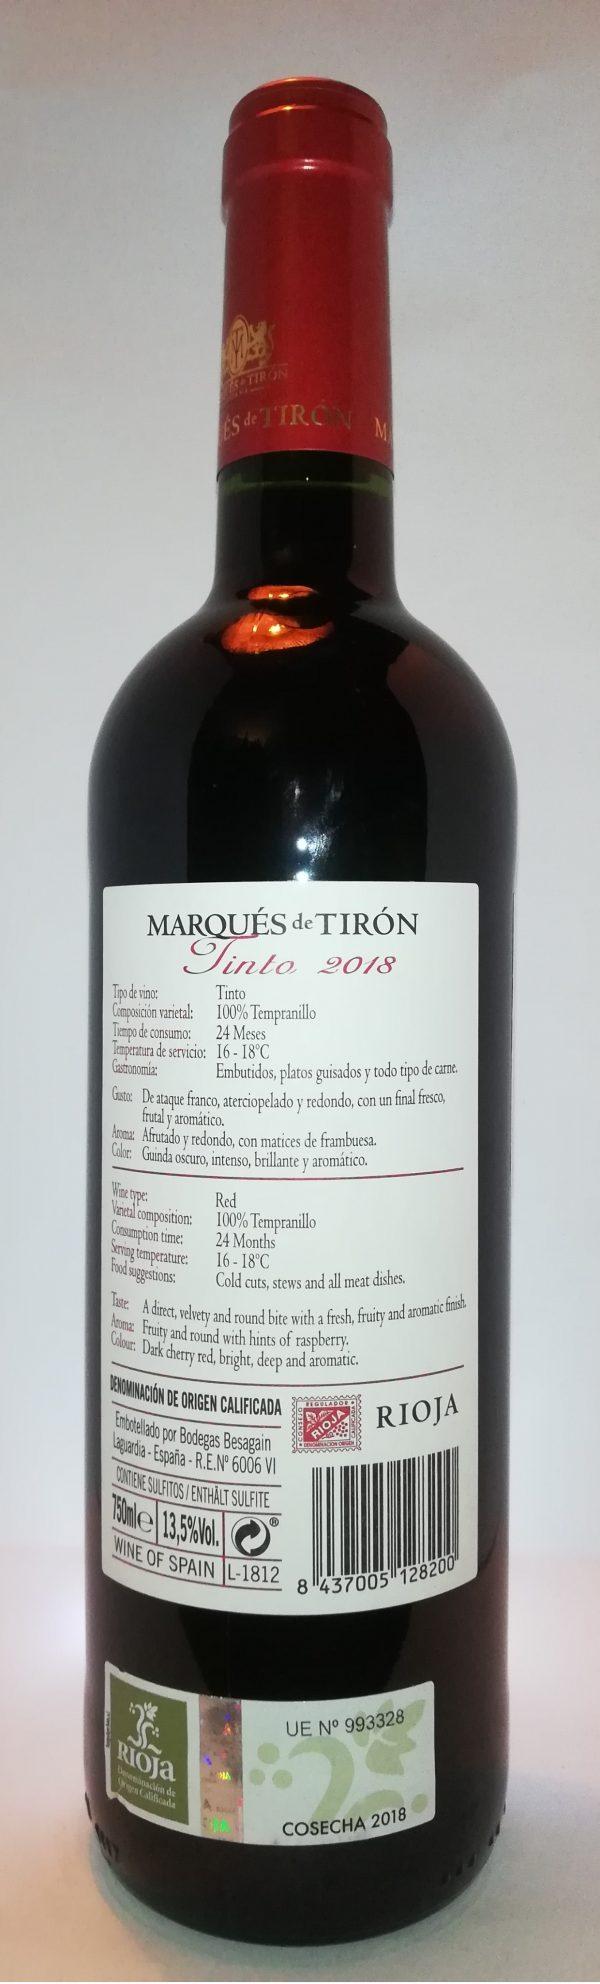 Marqués de Tirón B